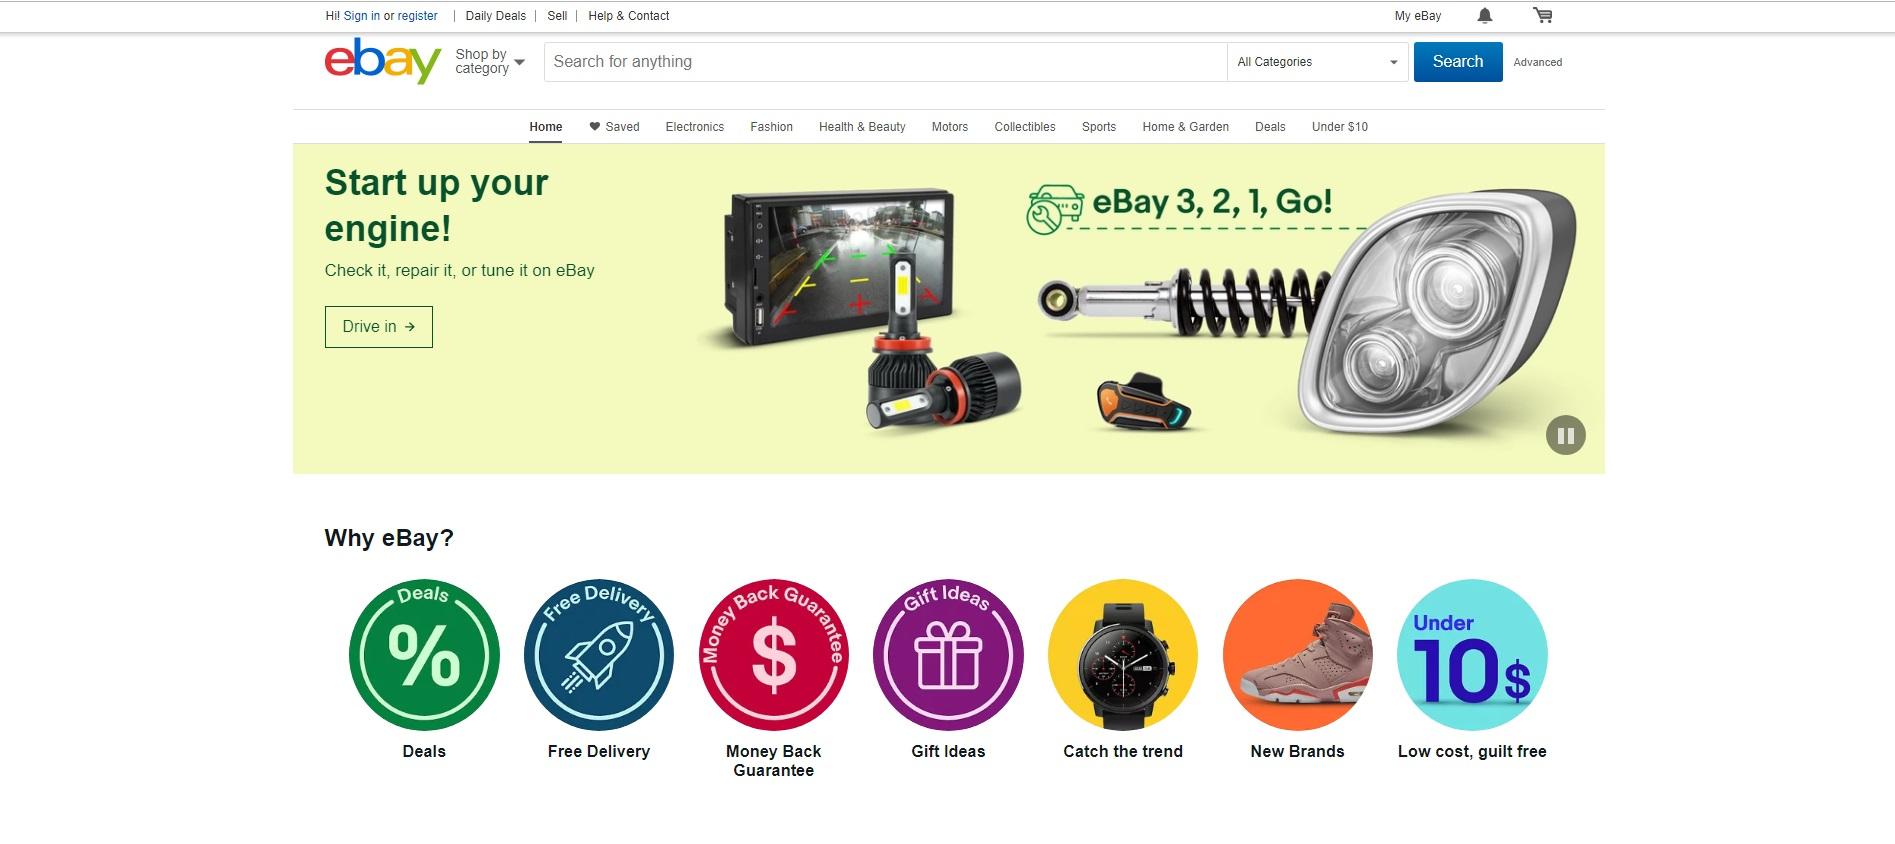 EBay Online Shopping Tips